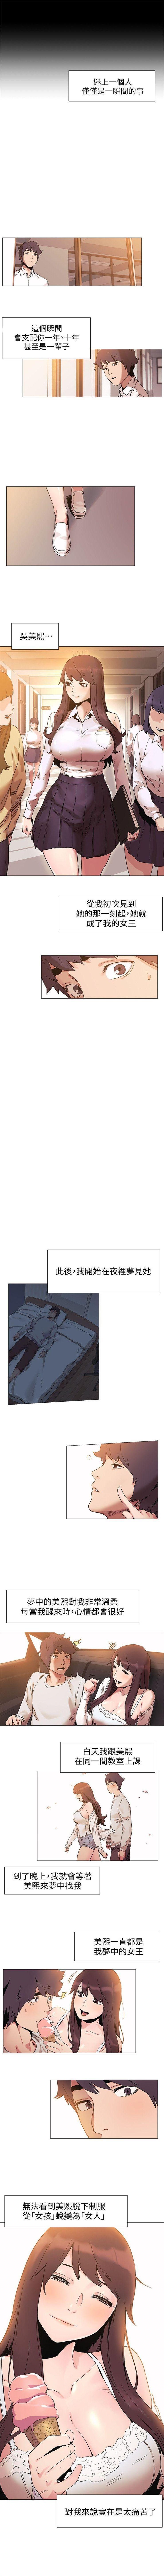 衝突 1-100官方中文(連載中) 177